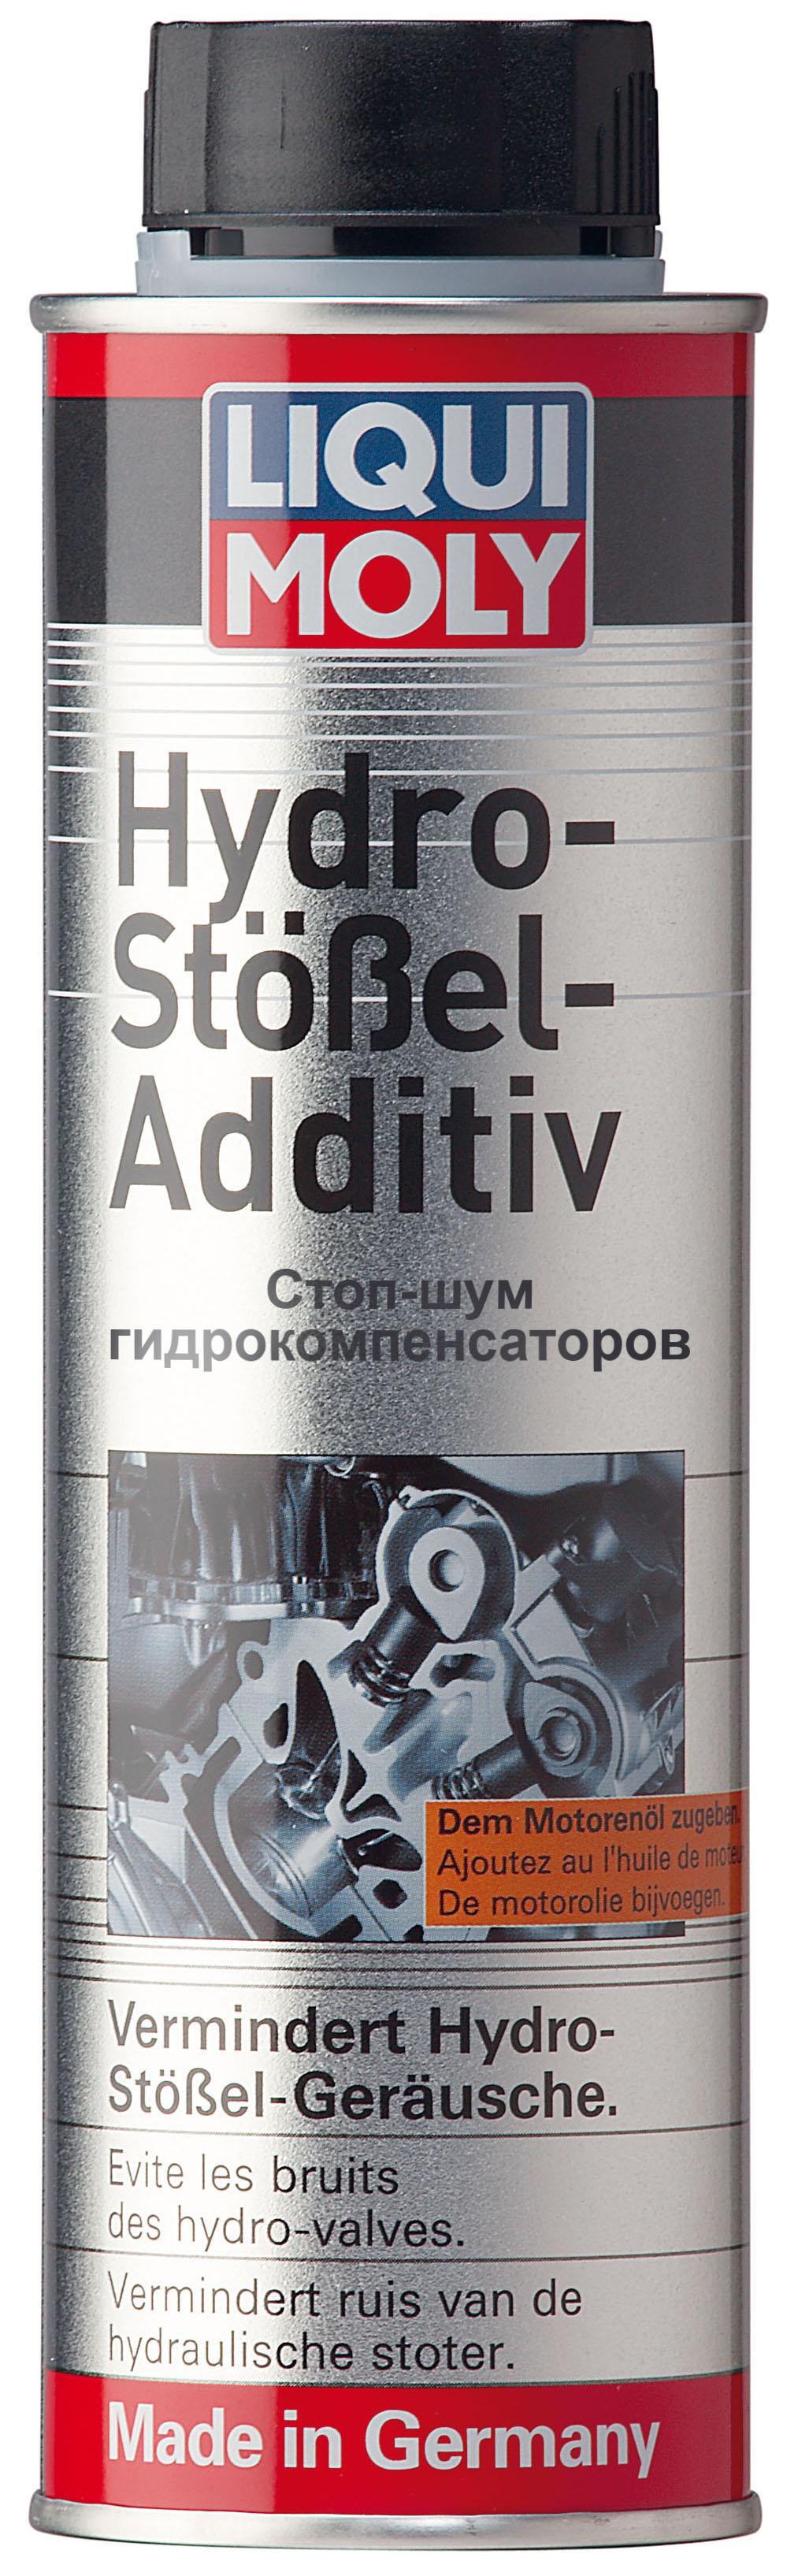 Стоп-шум гидрокомпенсаторов Hydro-Stossel-Additiv